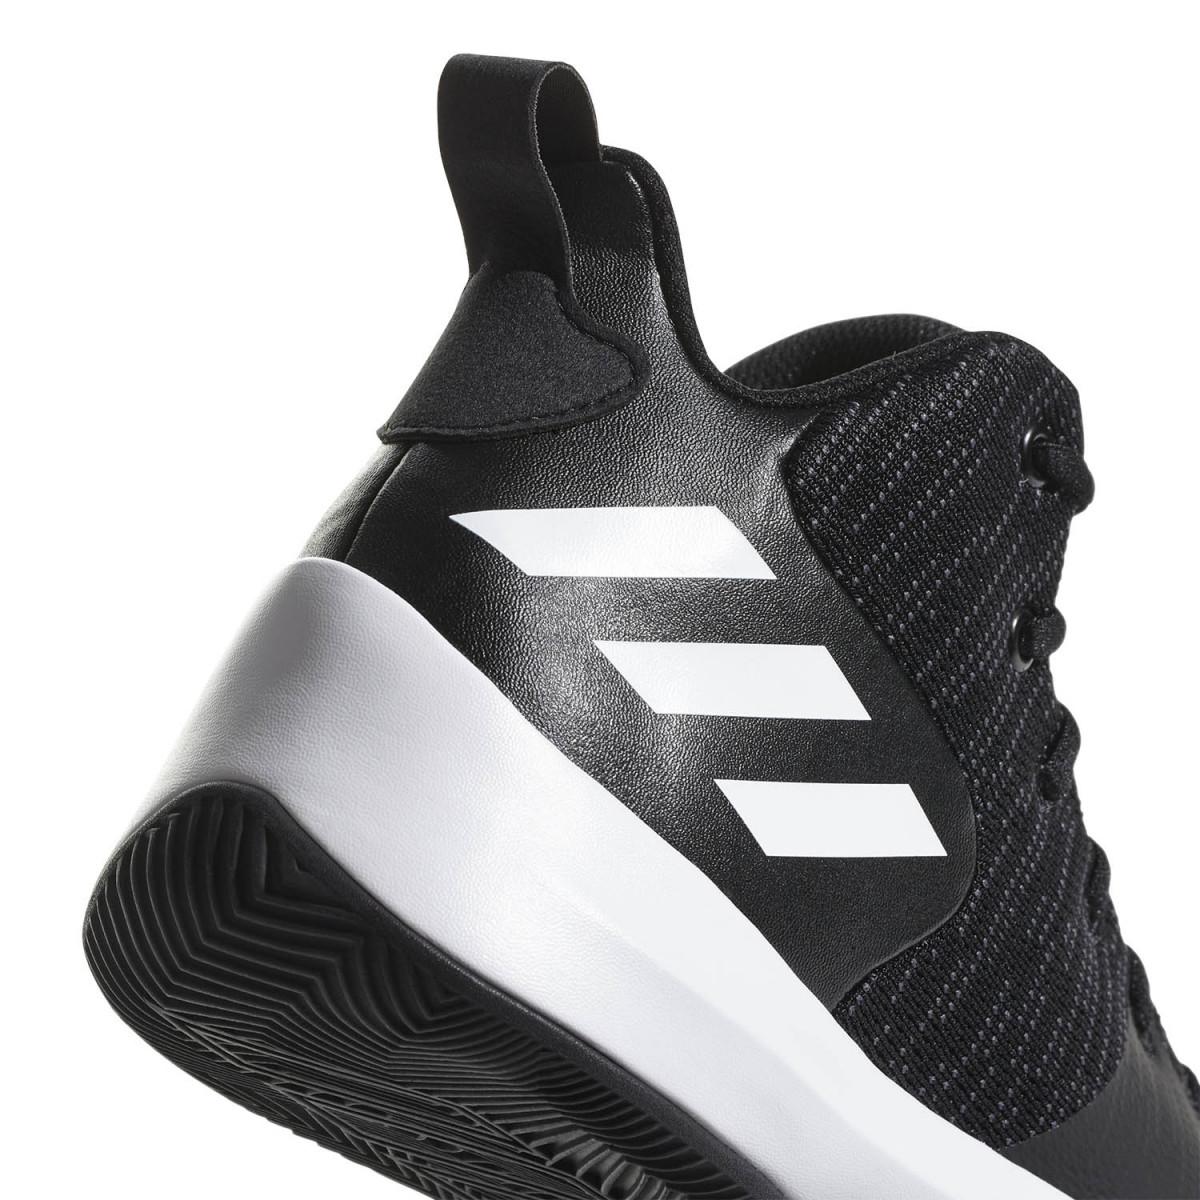 Flash Zapatillas Adidas Zapatillas Adidas Hombre Explosive O8kNPZwXn0